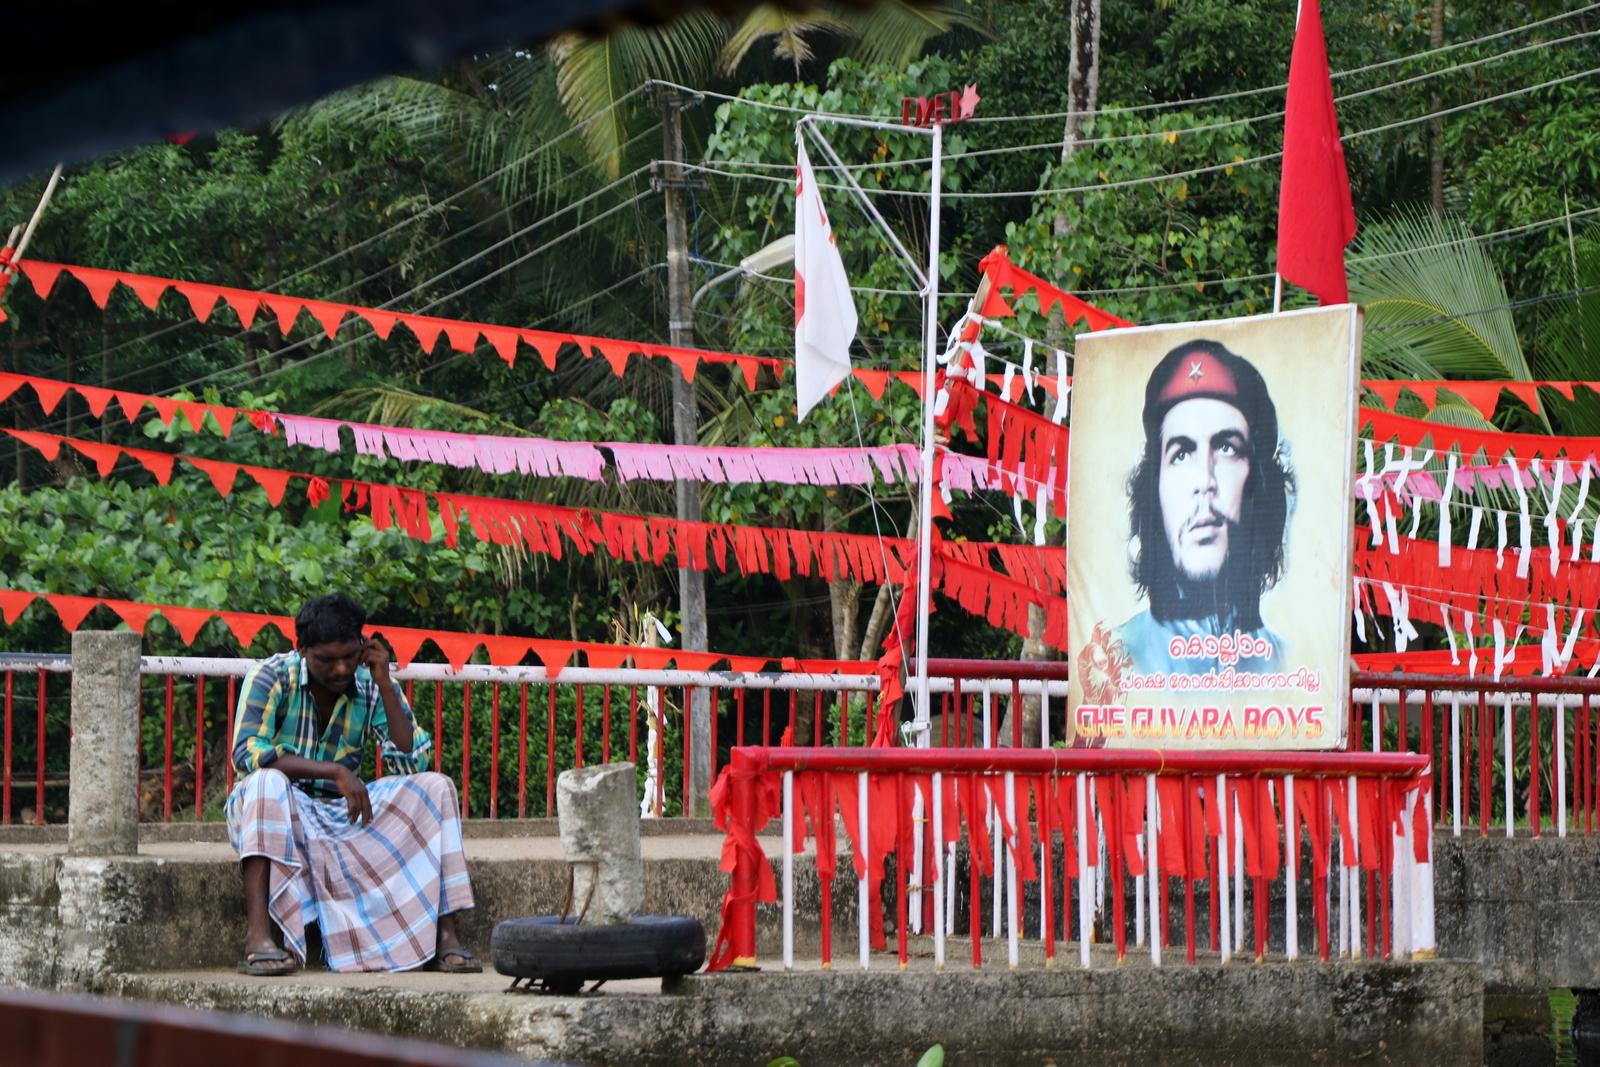 Mielenkiintoinen seikka Keralasta: kommunistinen puolue on siellä voimissaan ja punaliput liehuvat monin paikoin katukuvassa. Tällä venelaiturilla bongasimme myös Che Guevaran (tai jotain sinnepäin...)!